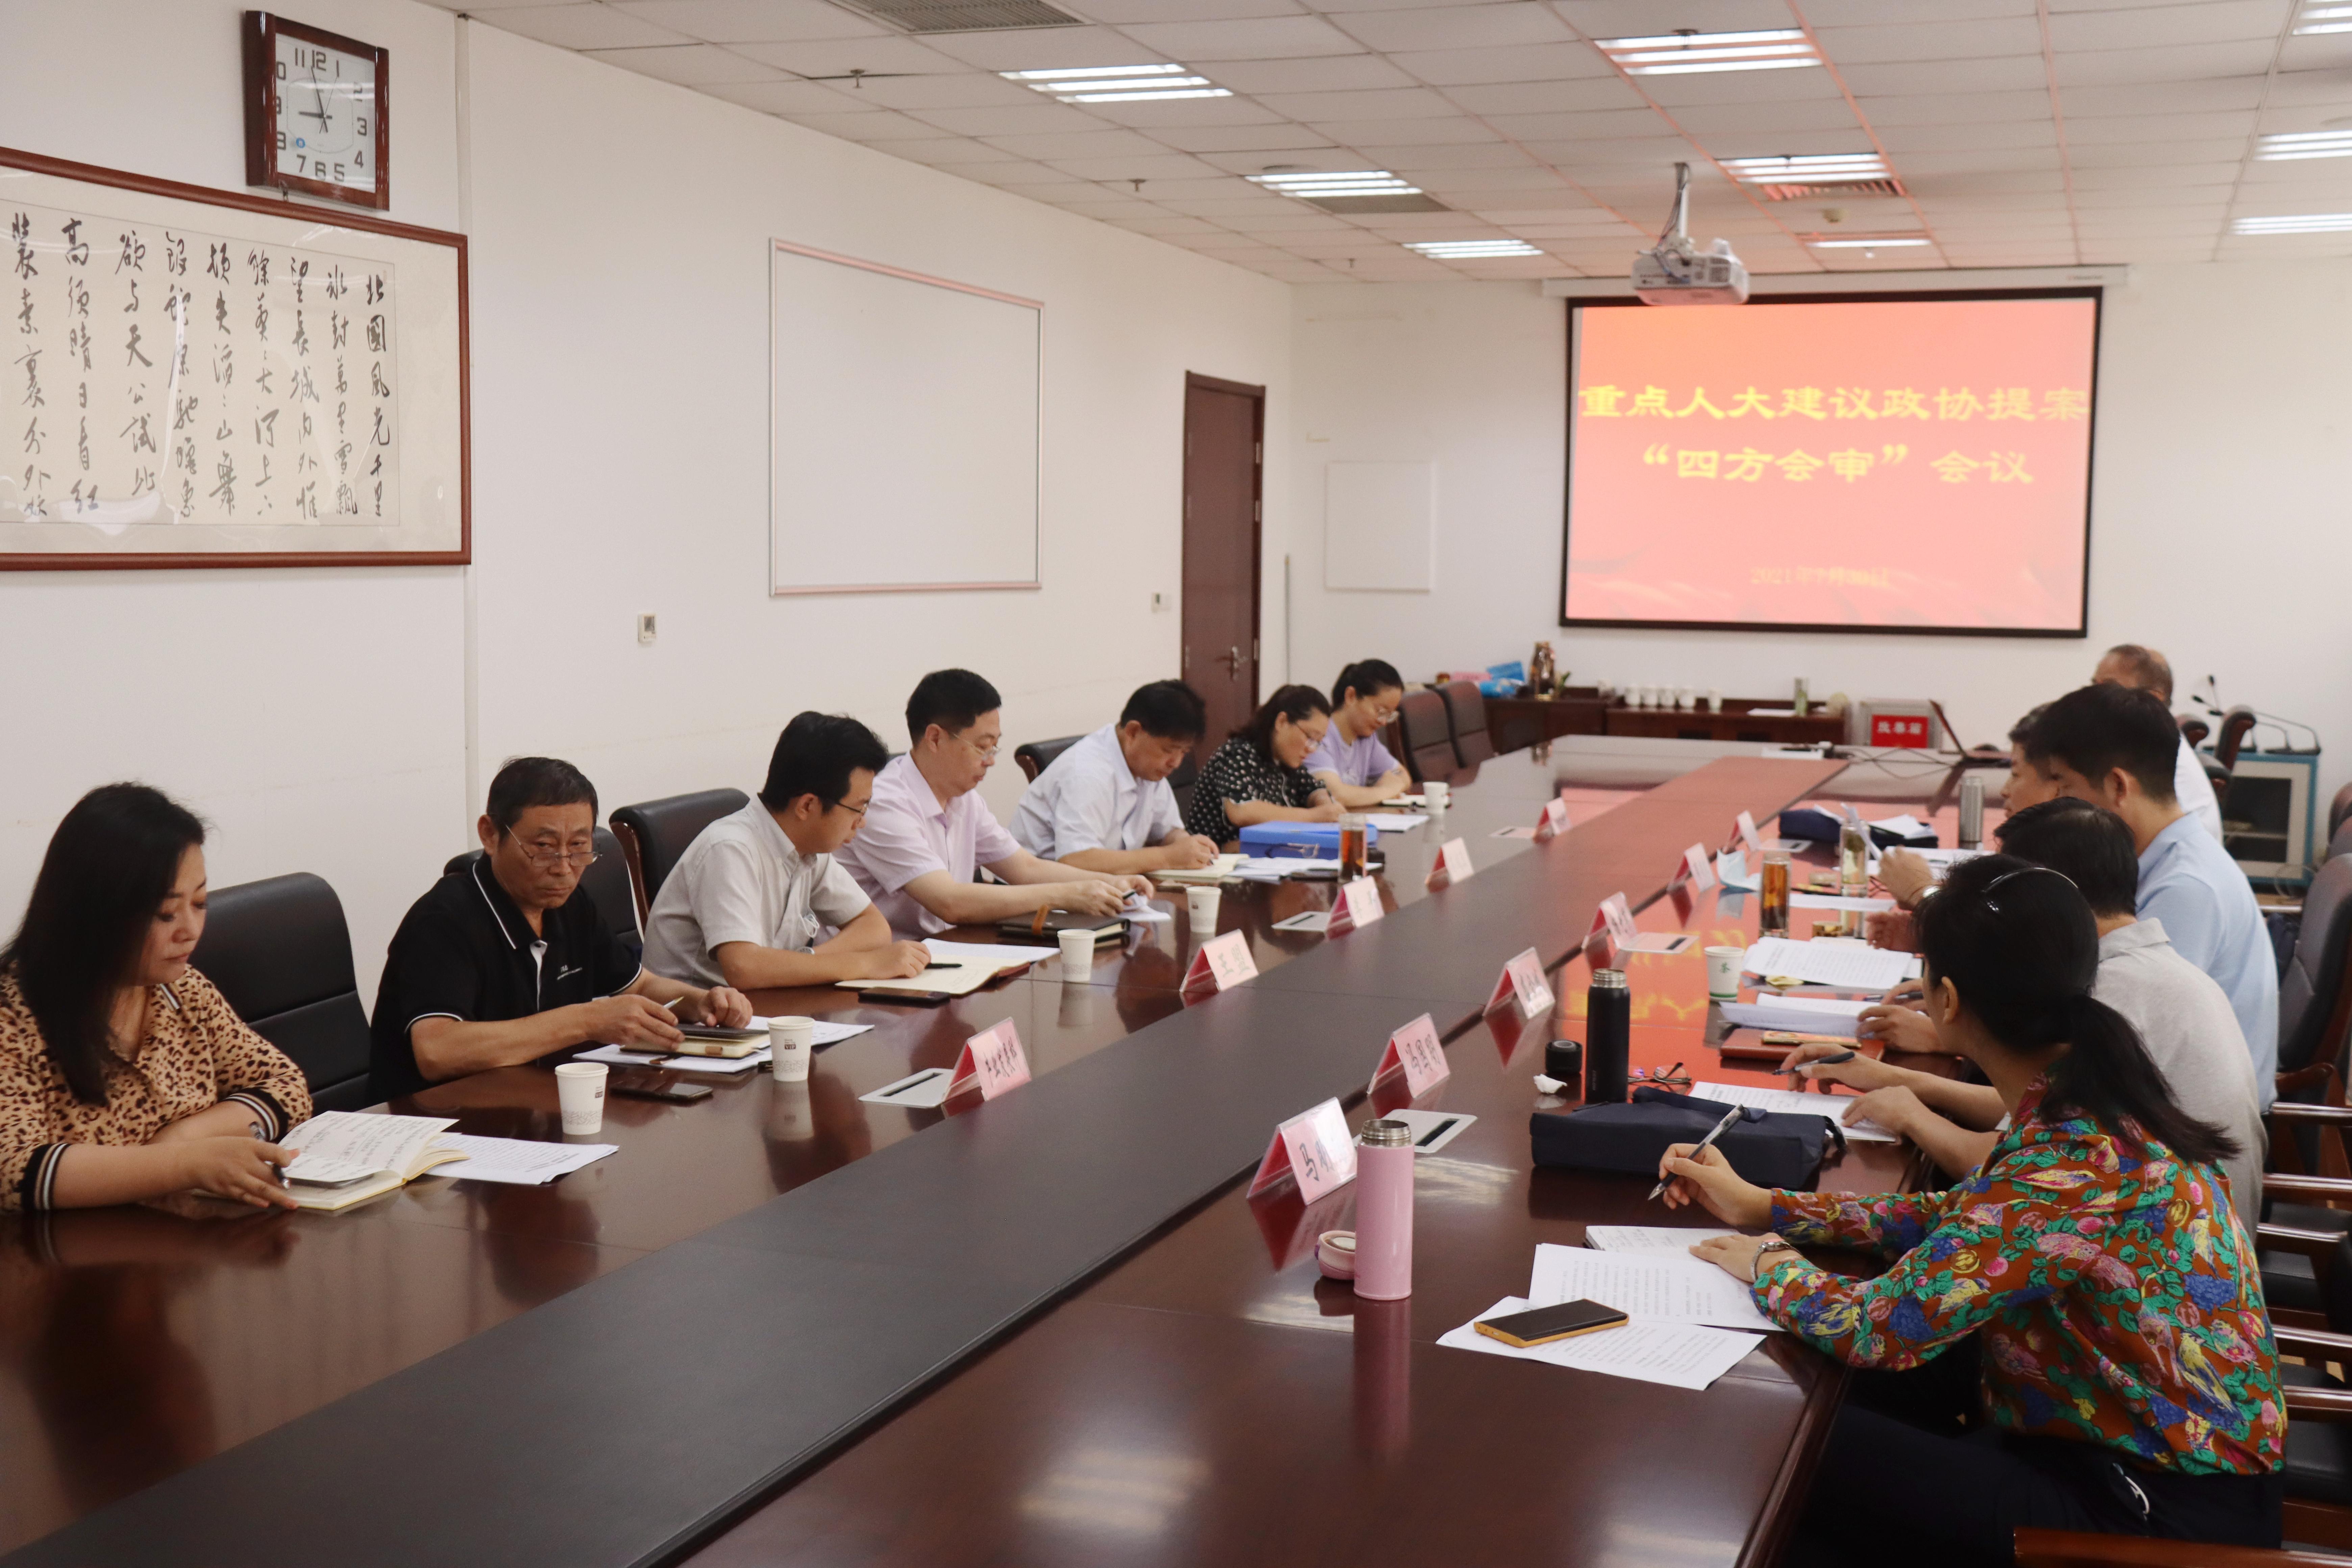 滨州市文化和旅游局召开重点建议、重点提案办理四方会审会议